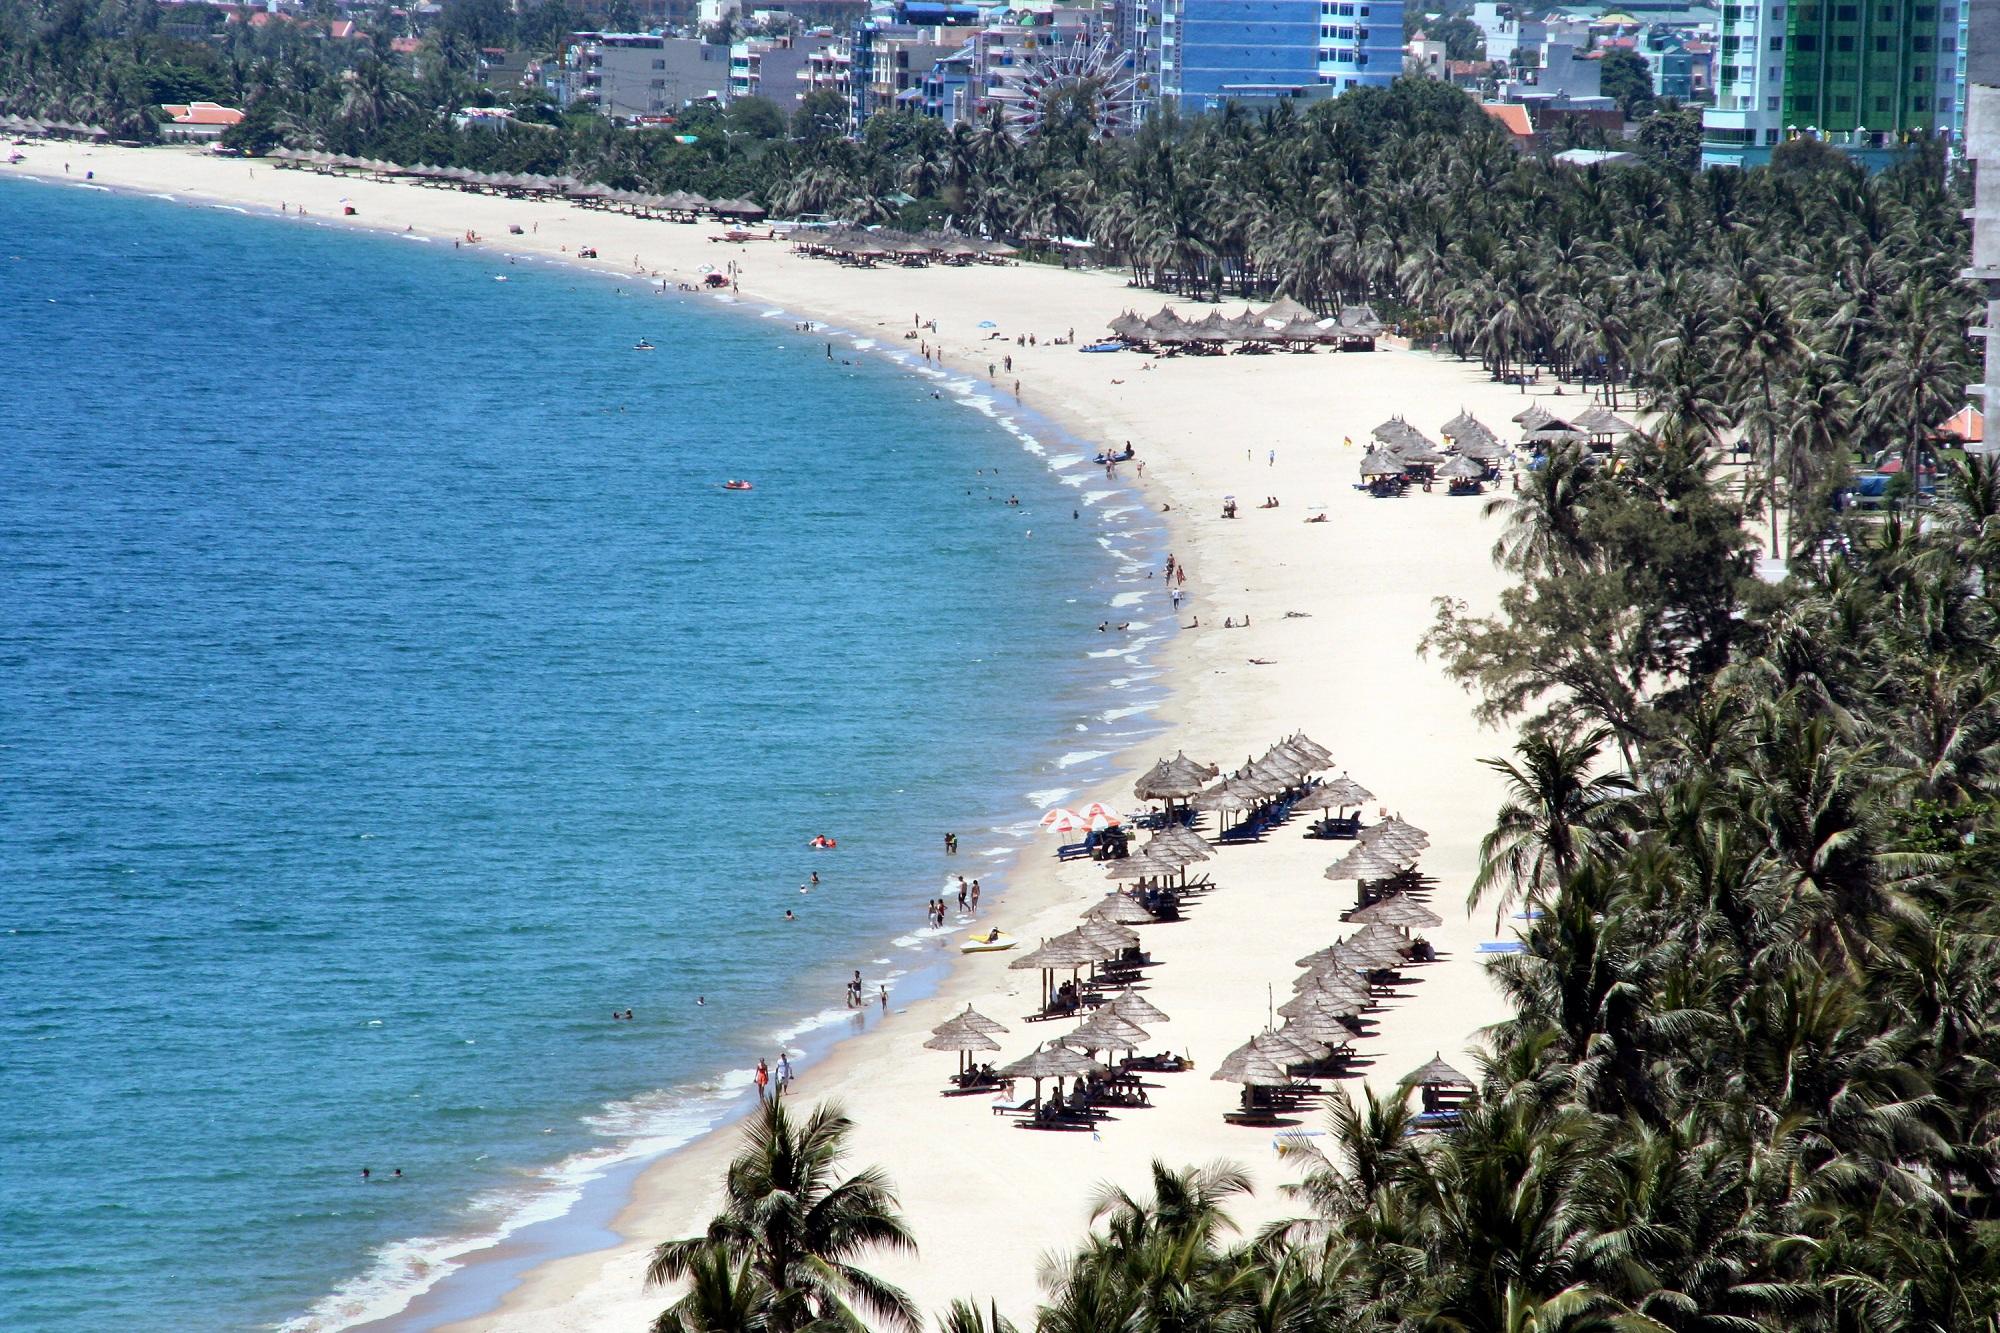 Biển Mỹ Khê được đánh giá là một trong số sáu bãi biển đẹp nhất hành tinh